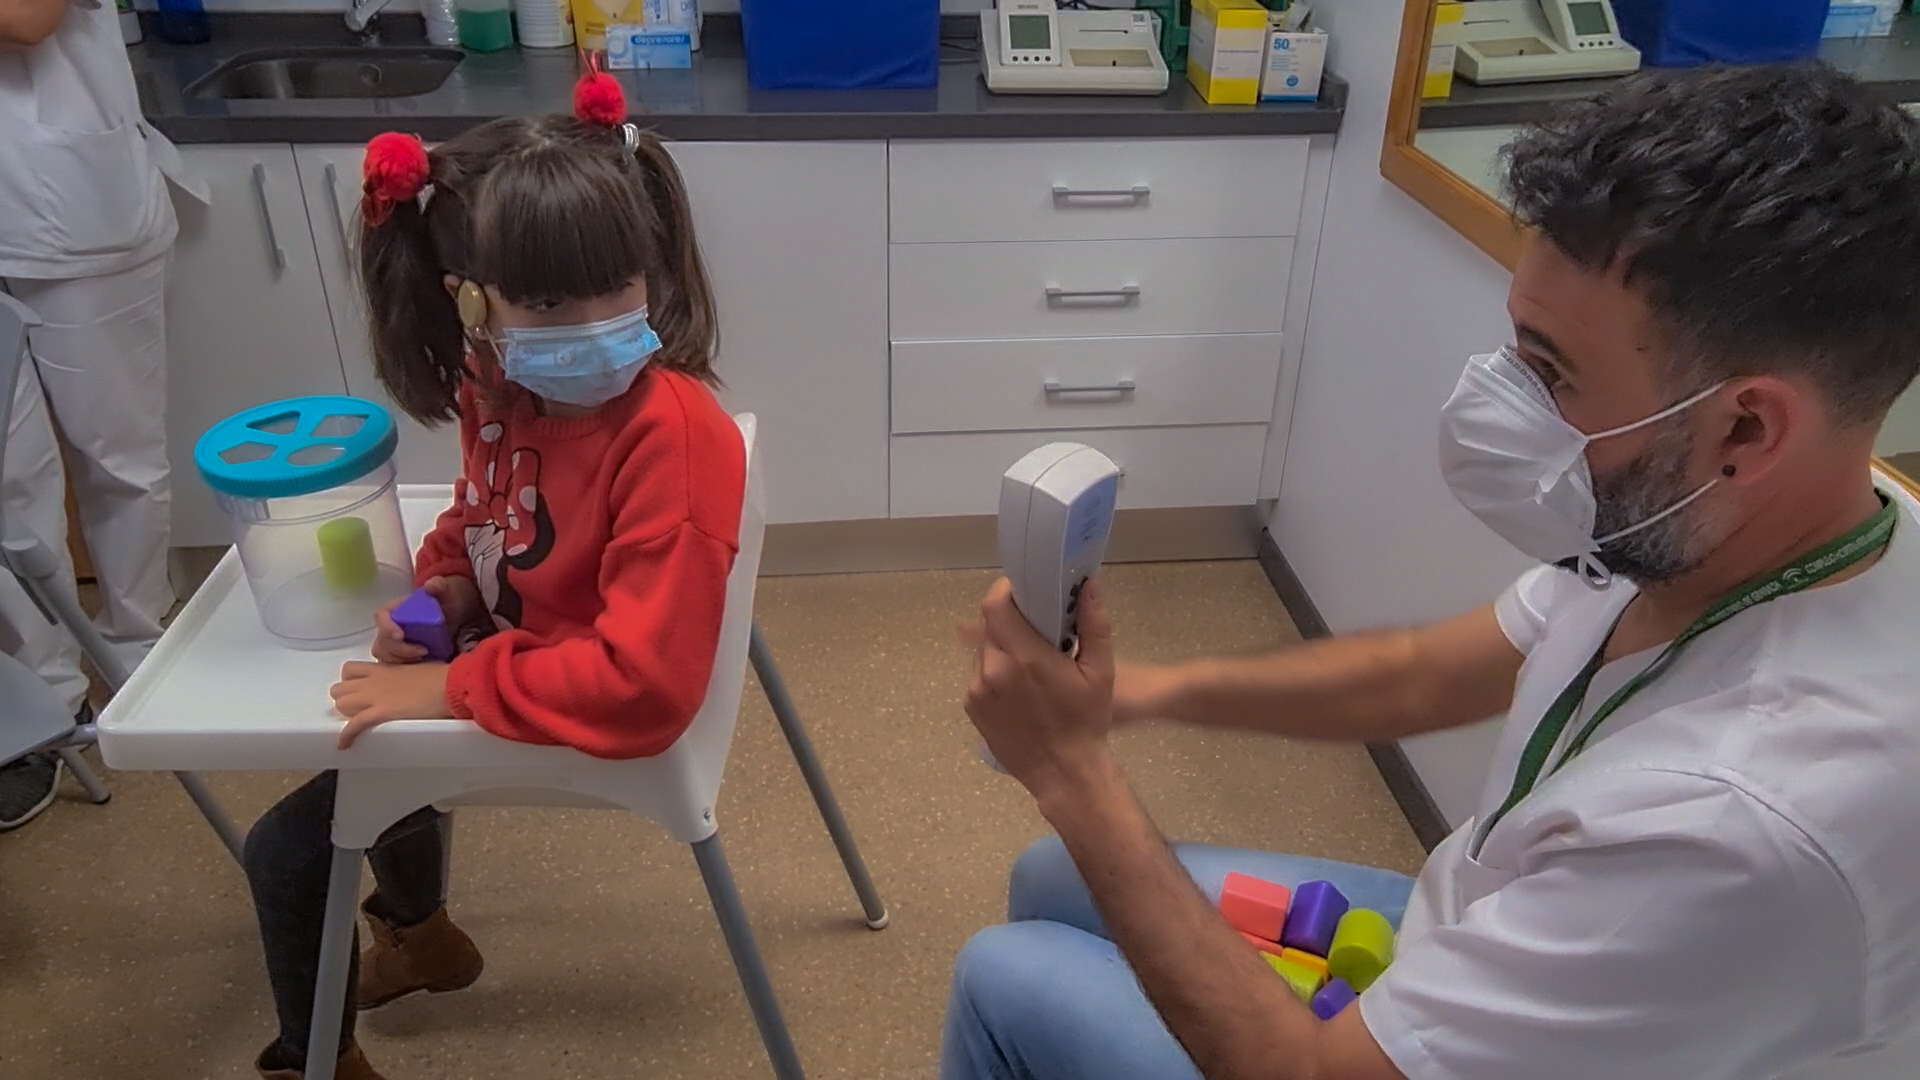 El Clínico alcanza las 1.400 personas con implante coclear tras realizar 54 intervenciones en 2020